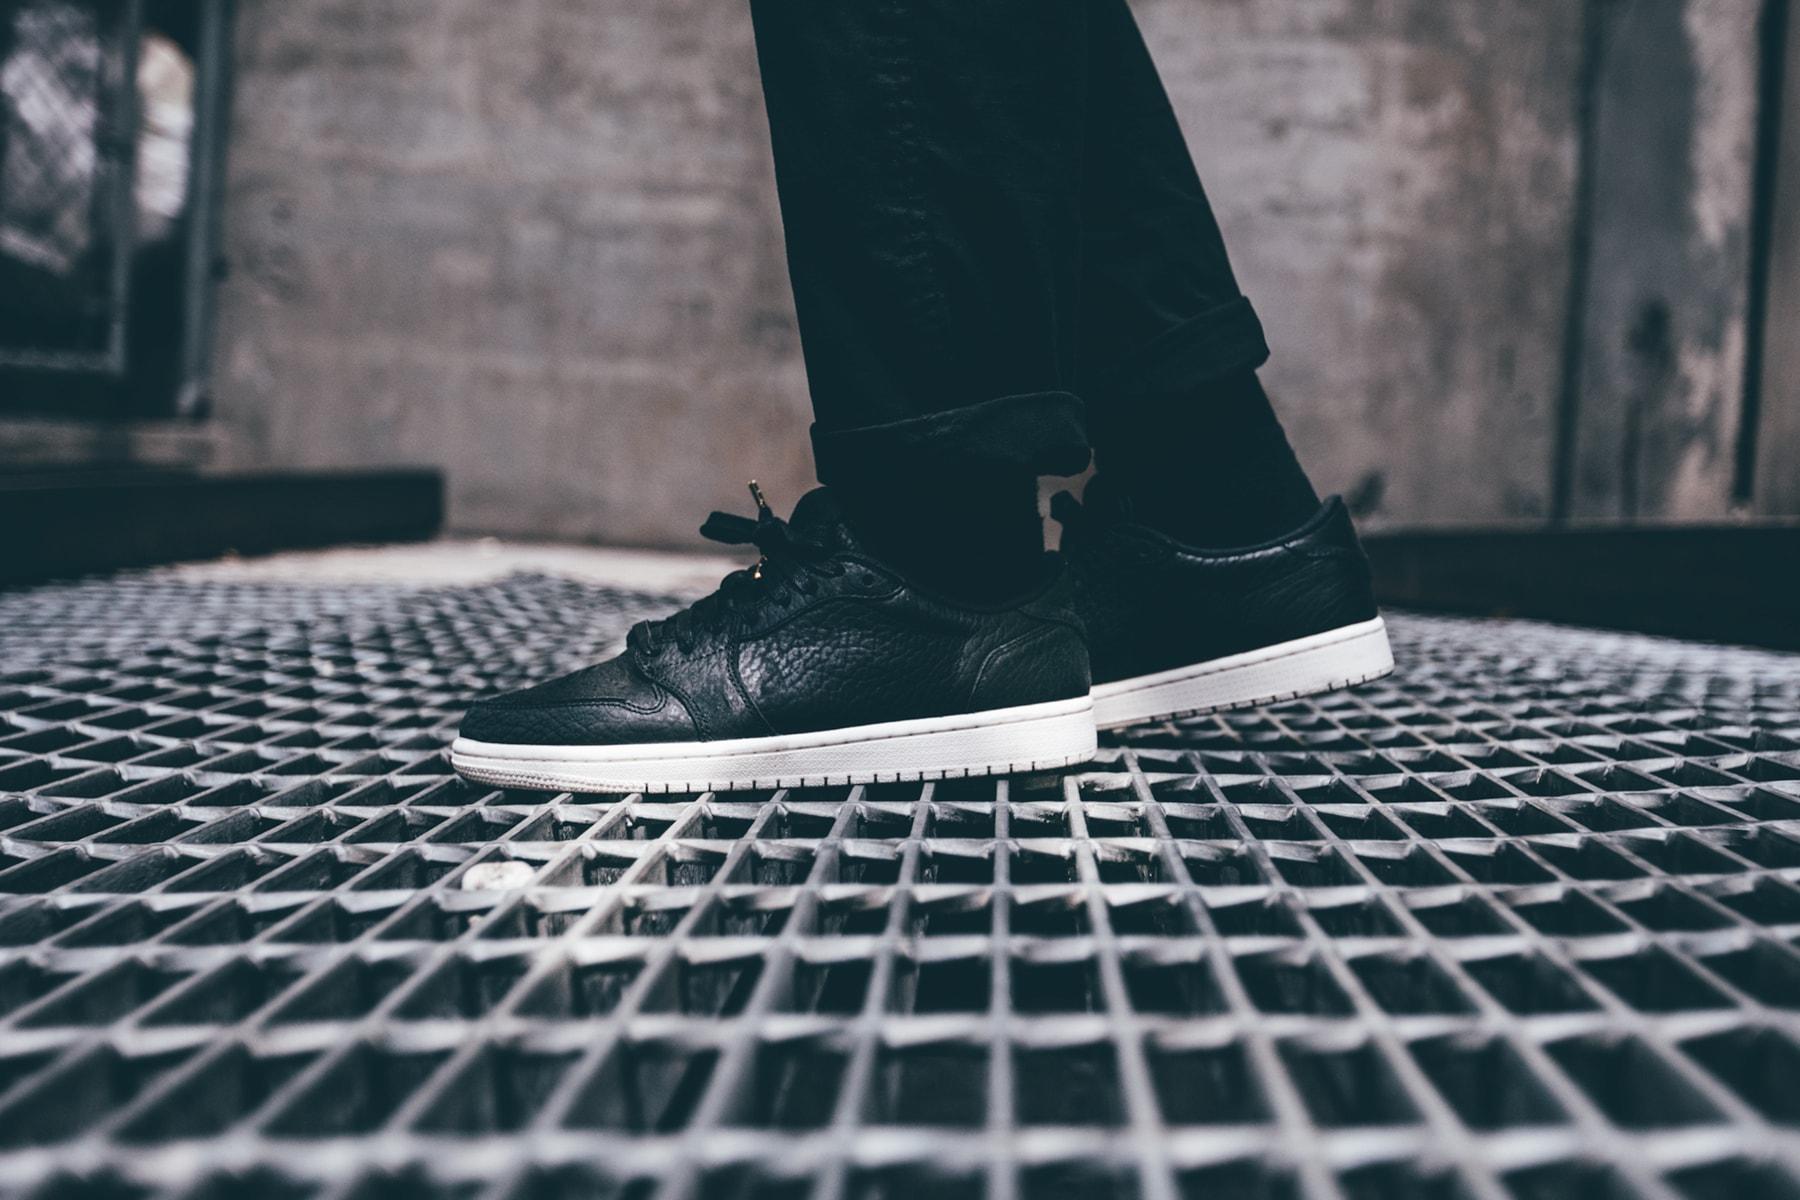 AIR-JORDAN-1-Retro-Low-NS-Nike-Black-Noir-Noire-848775-005-Exclu-Exclusivité-effronté-sneakers-basket-02-min